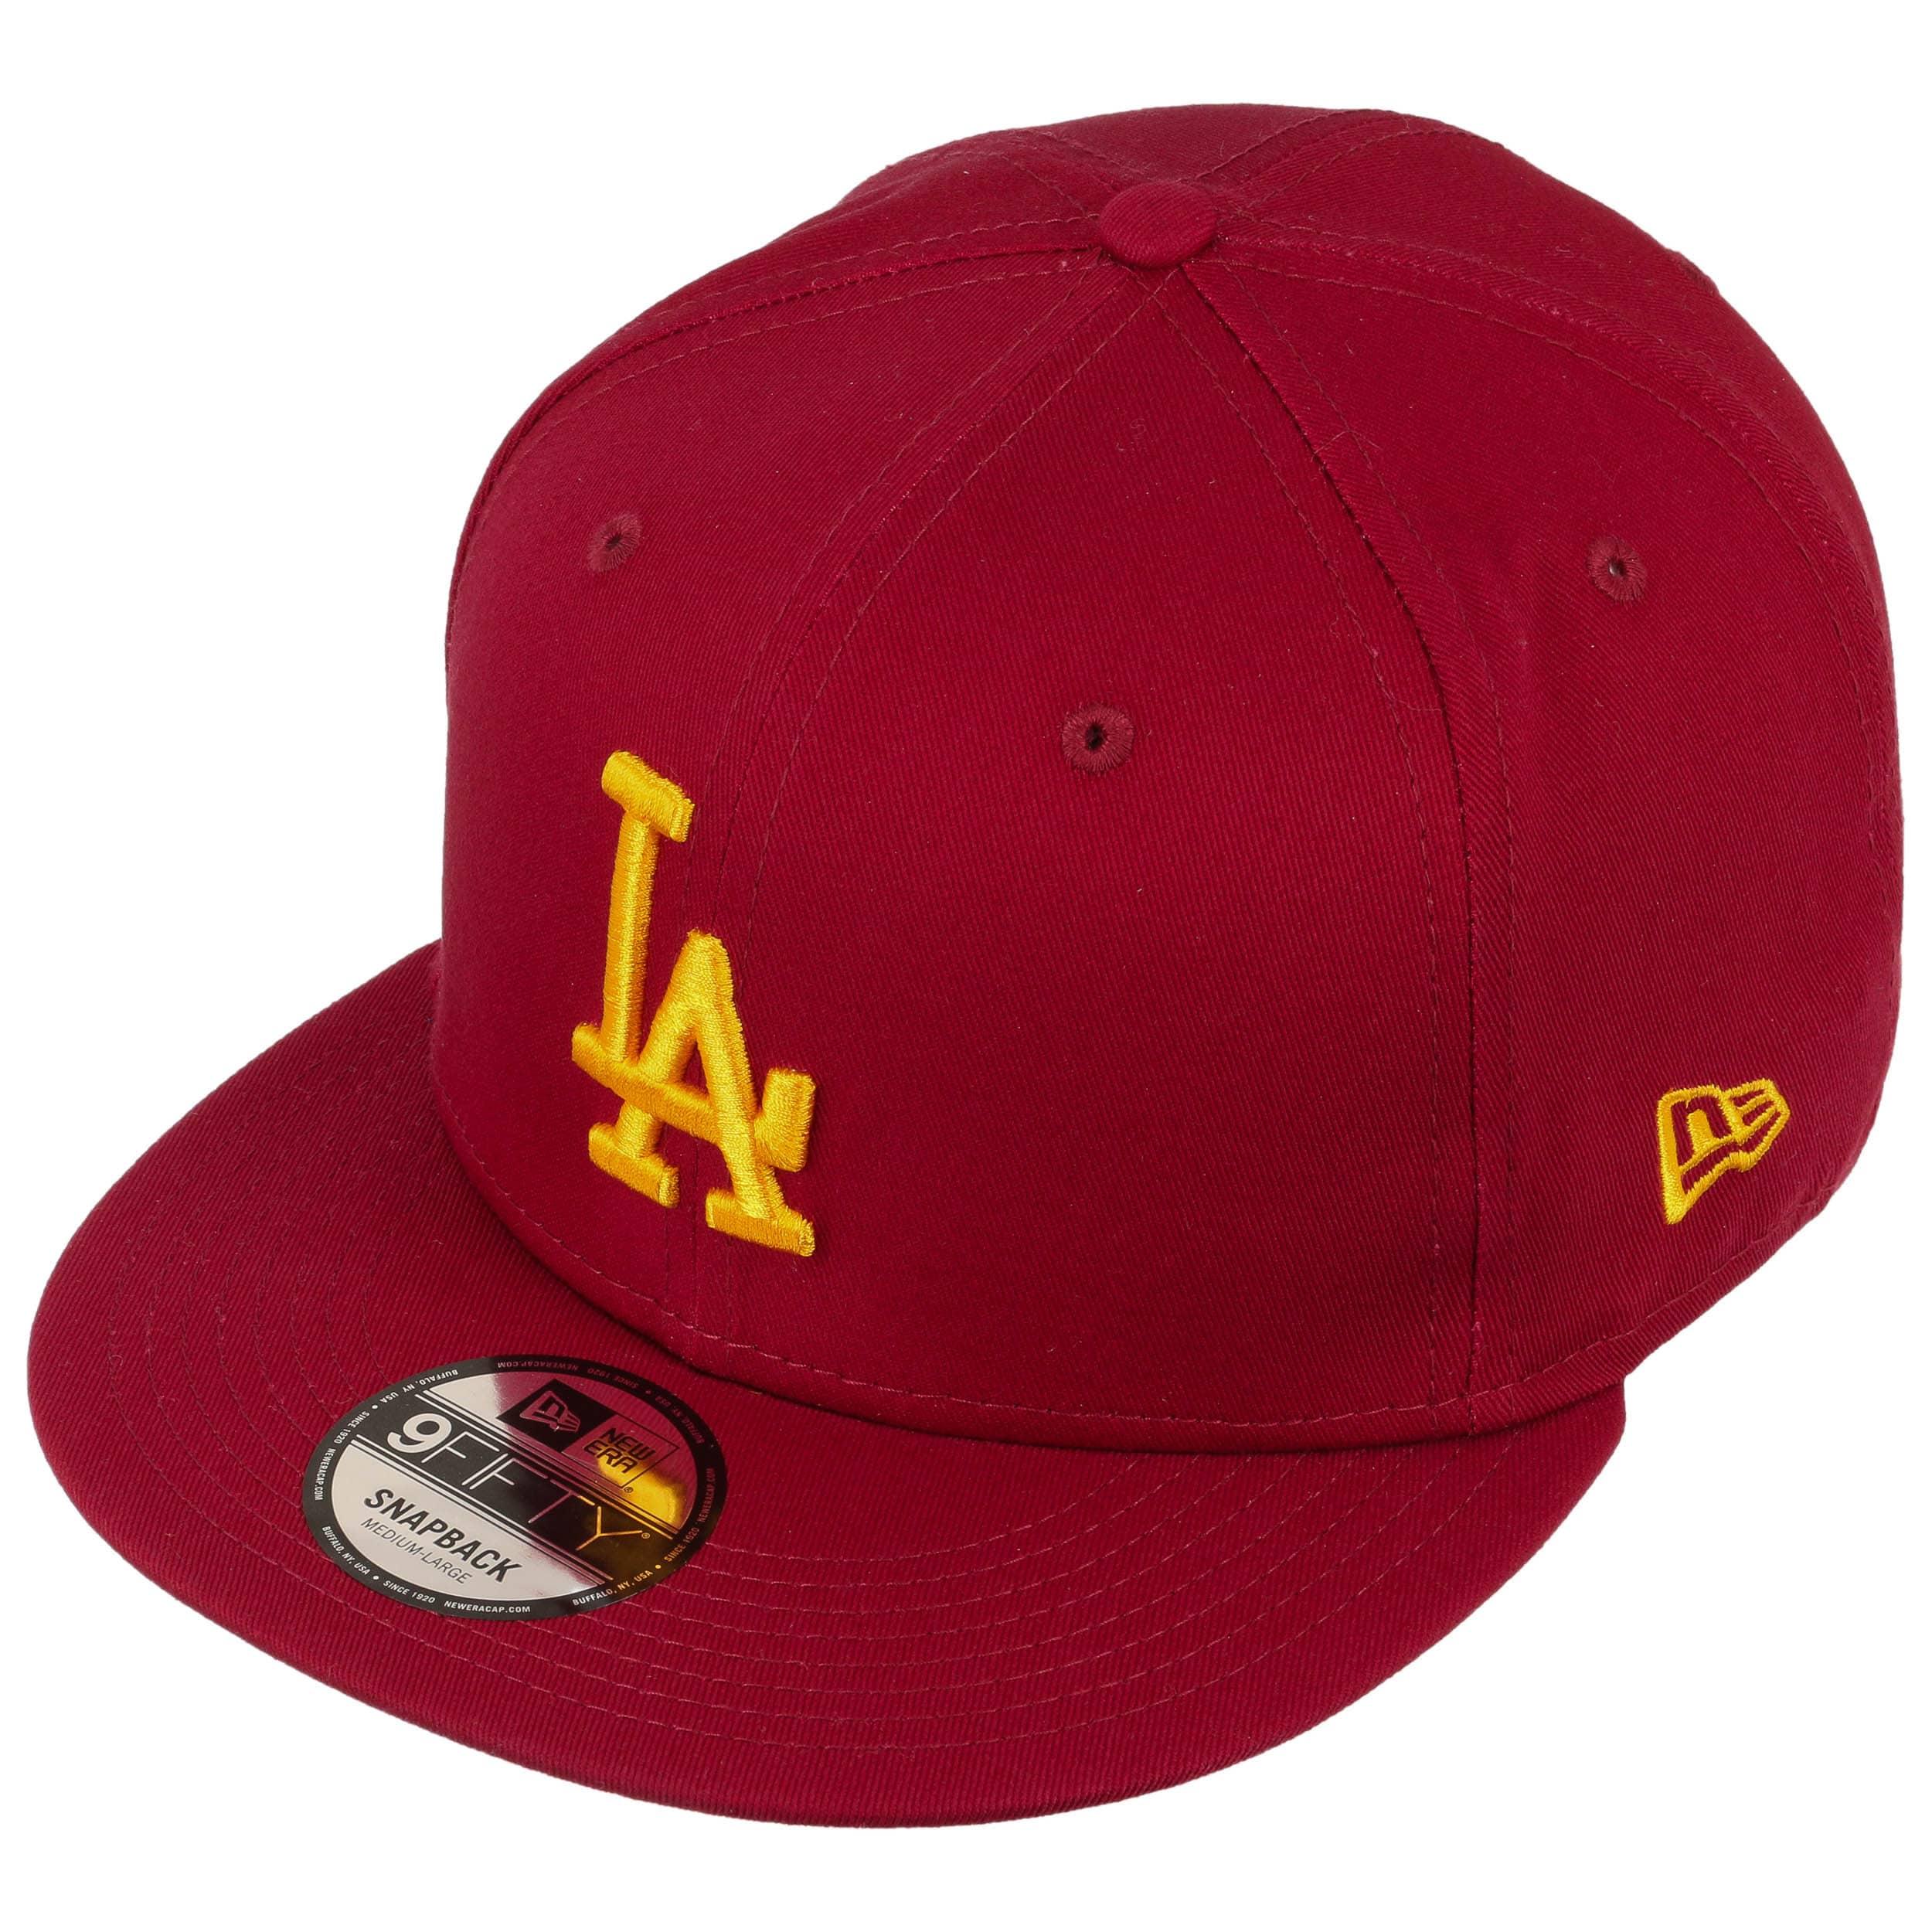 9Fifty League Ess LA Dodgers Cap by New Era - bordeaux 1 ... f1b0b3fa7f73